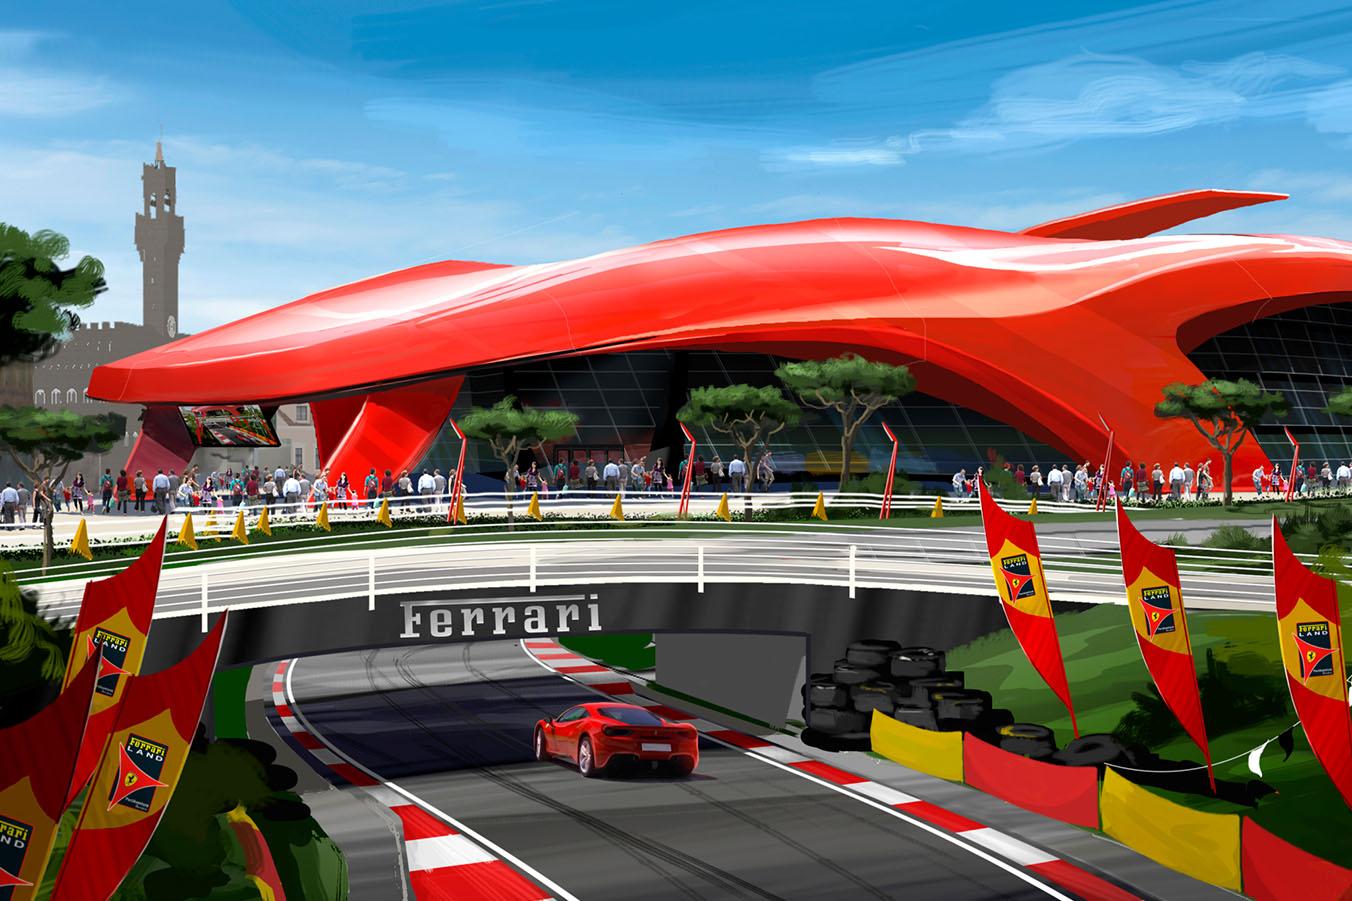 Ferrari Land - 1 Day 2 Parks